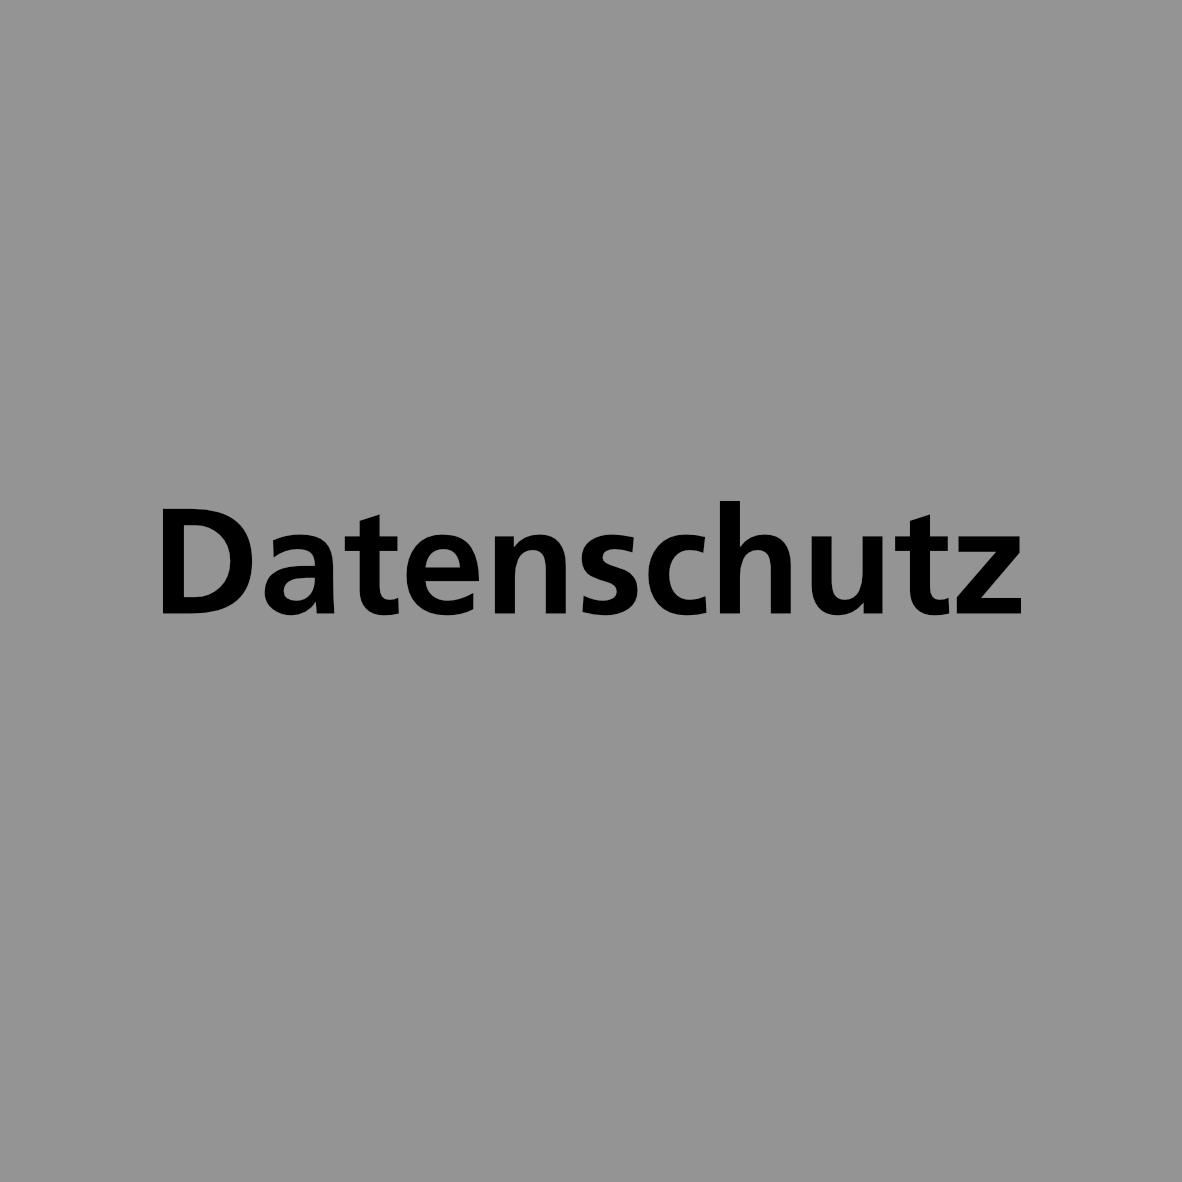 Datenschutz, waste-art Georg Marbet